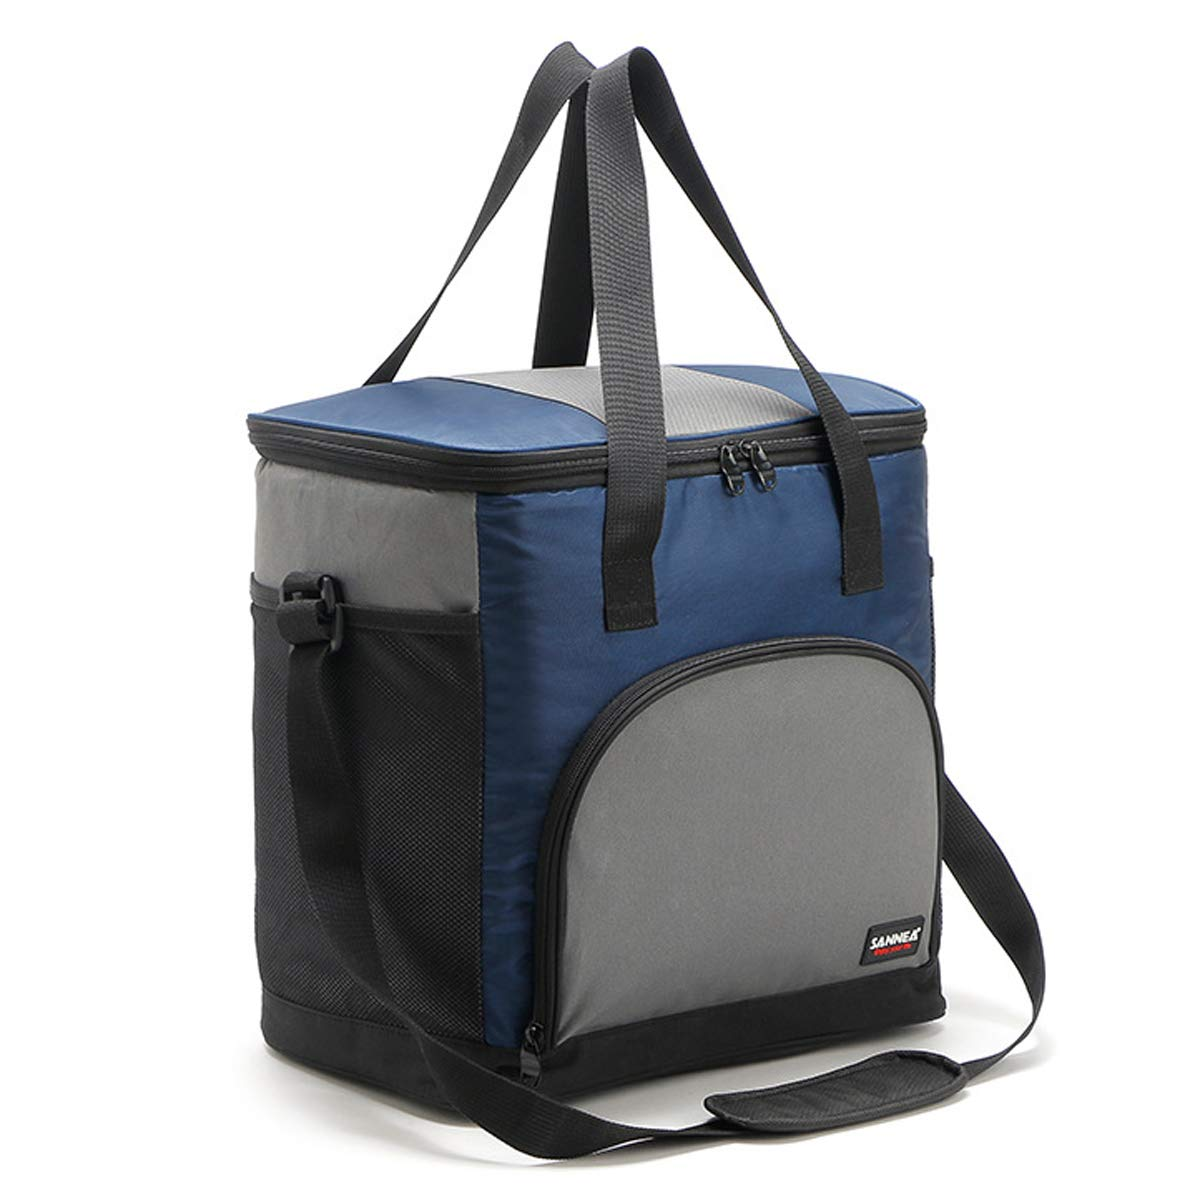 Kühltasche Kühlbox Camping Outdoor Tasche Picknicktasche Isoliertasche Reise Bag